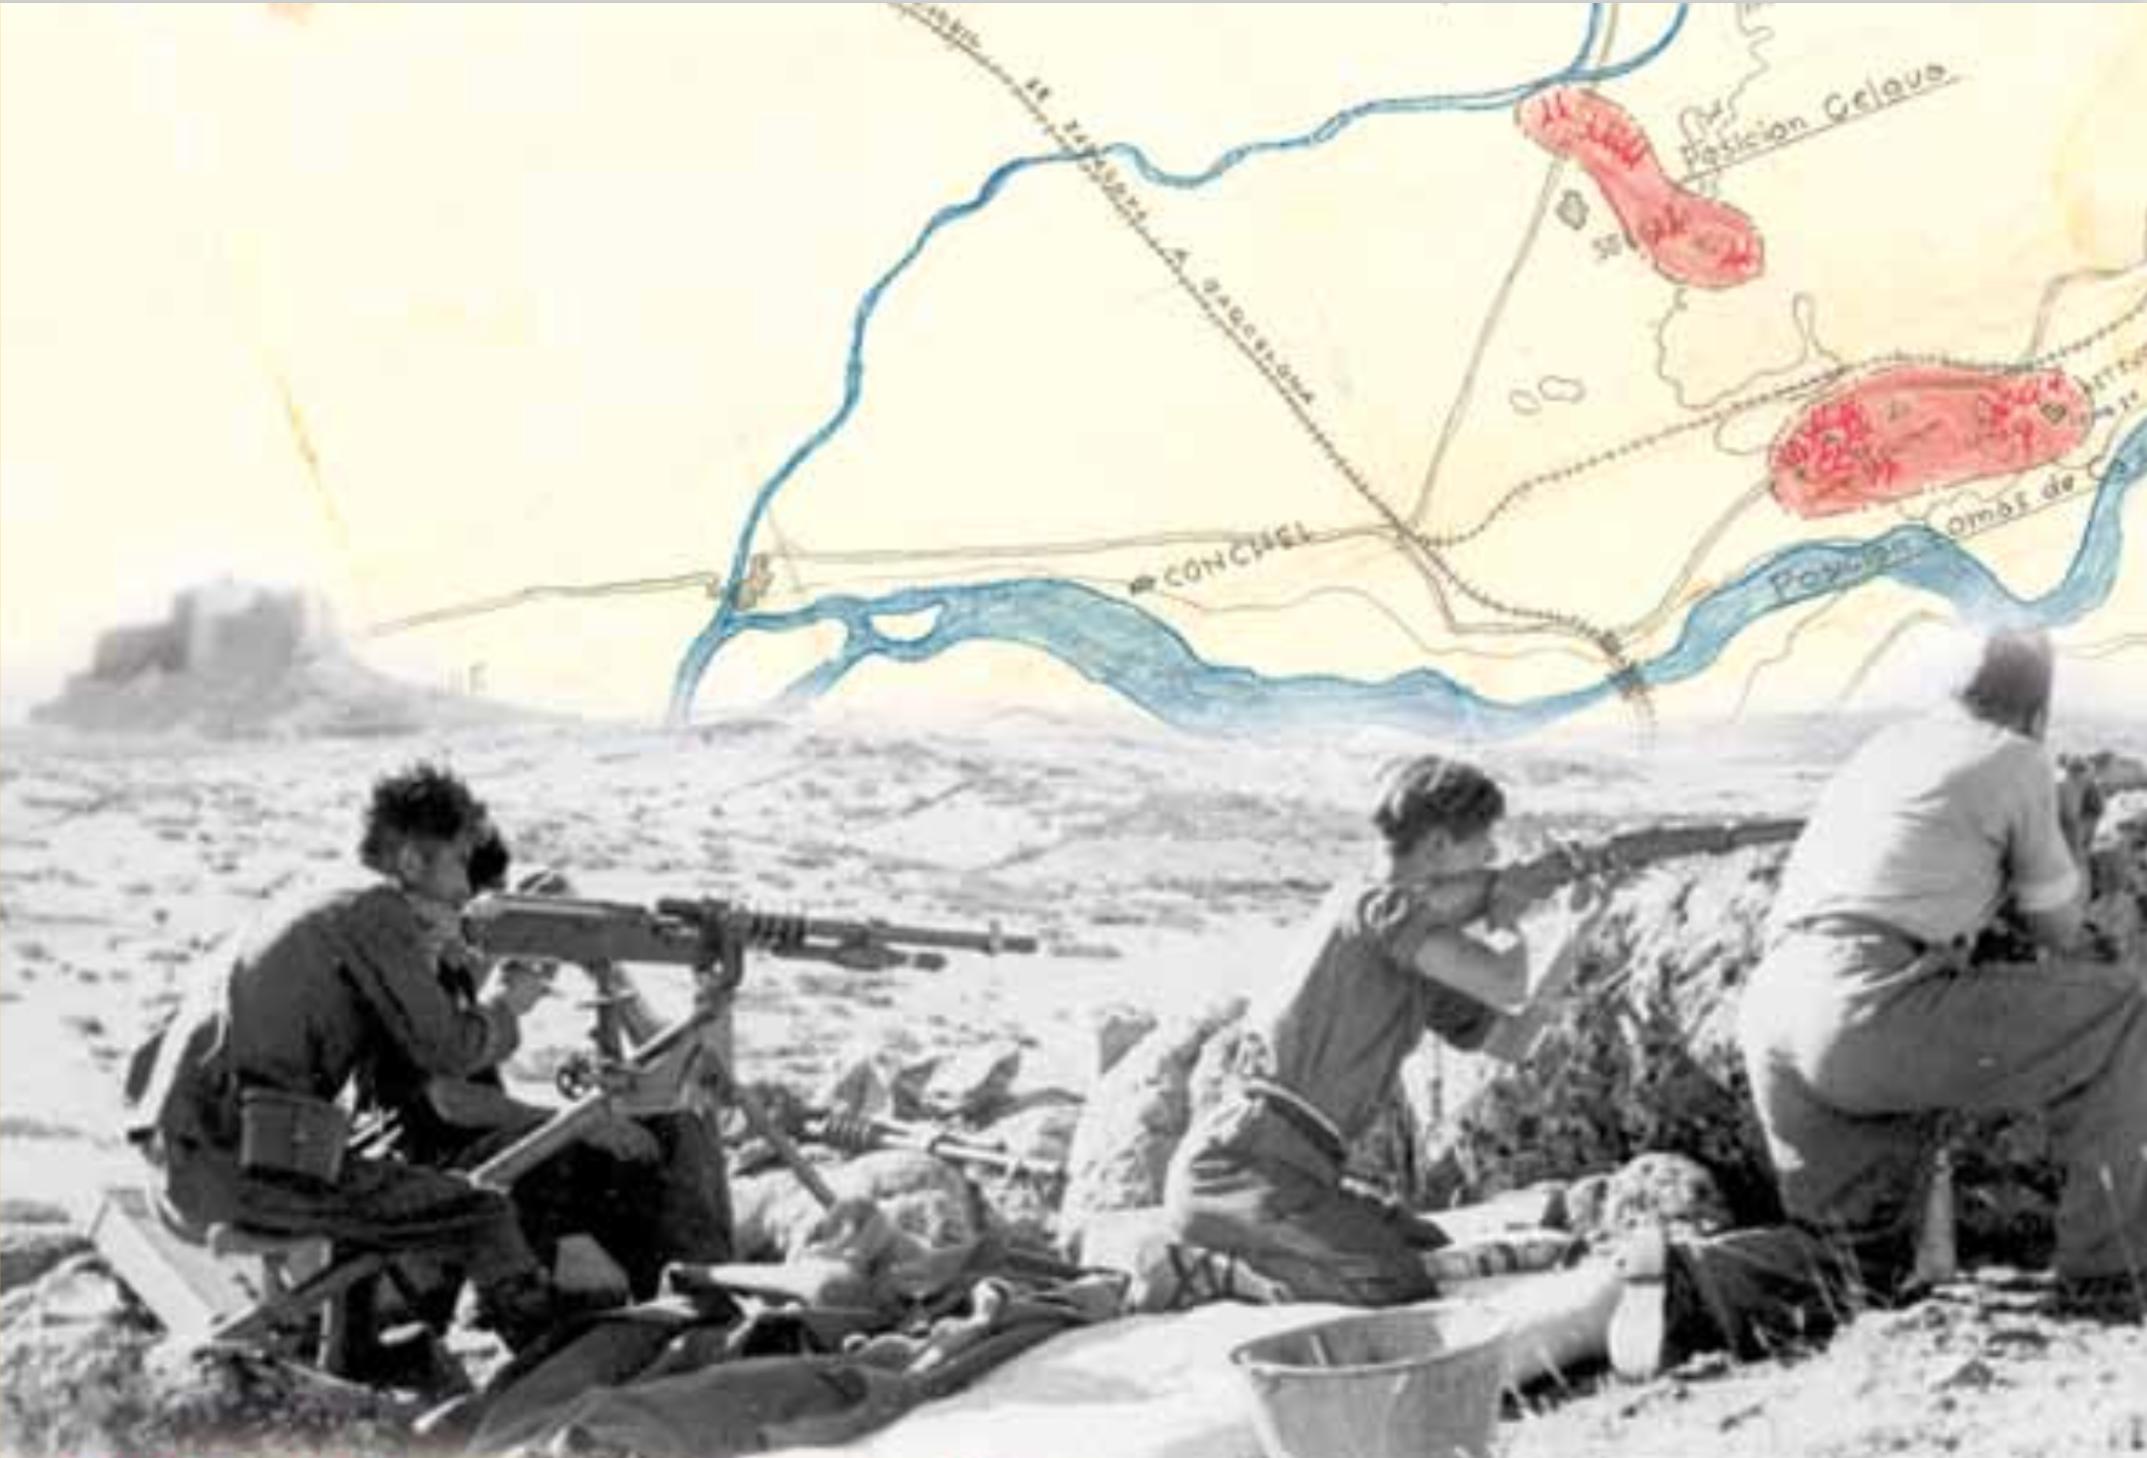 La Ruta de las Fortificaciones de la Guerra Civil en la Linea del Cinca